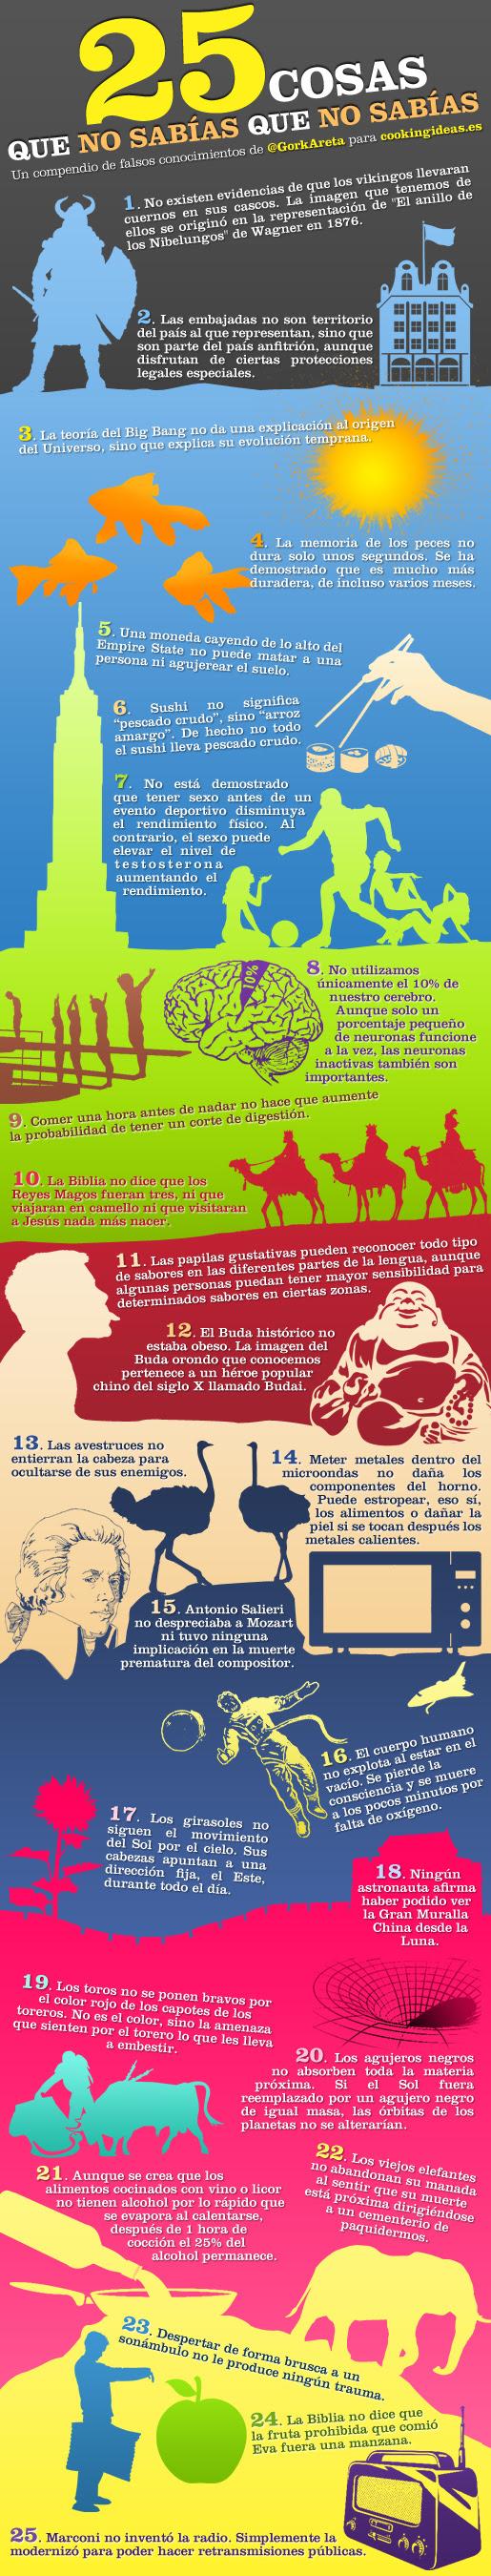 25 cosas que puede que conozcas mal